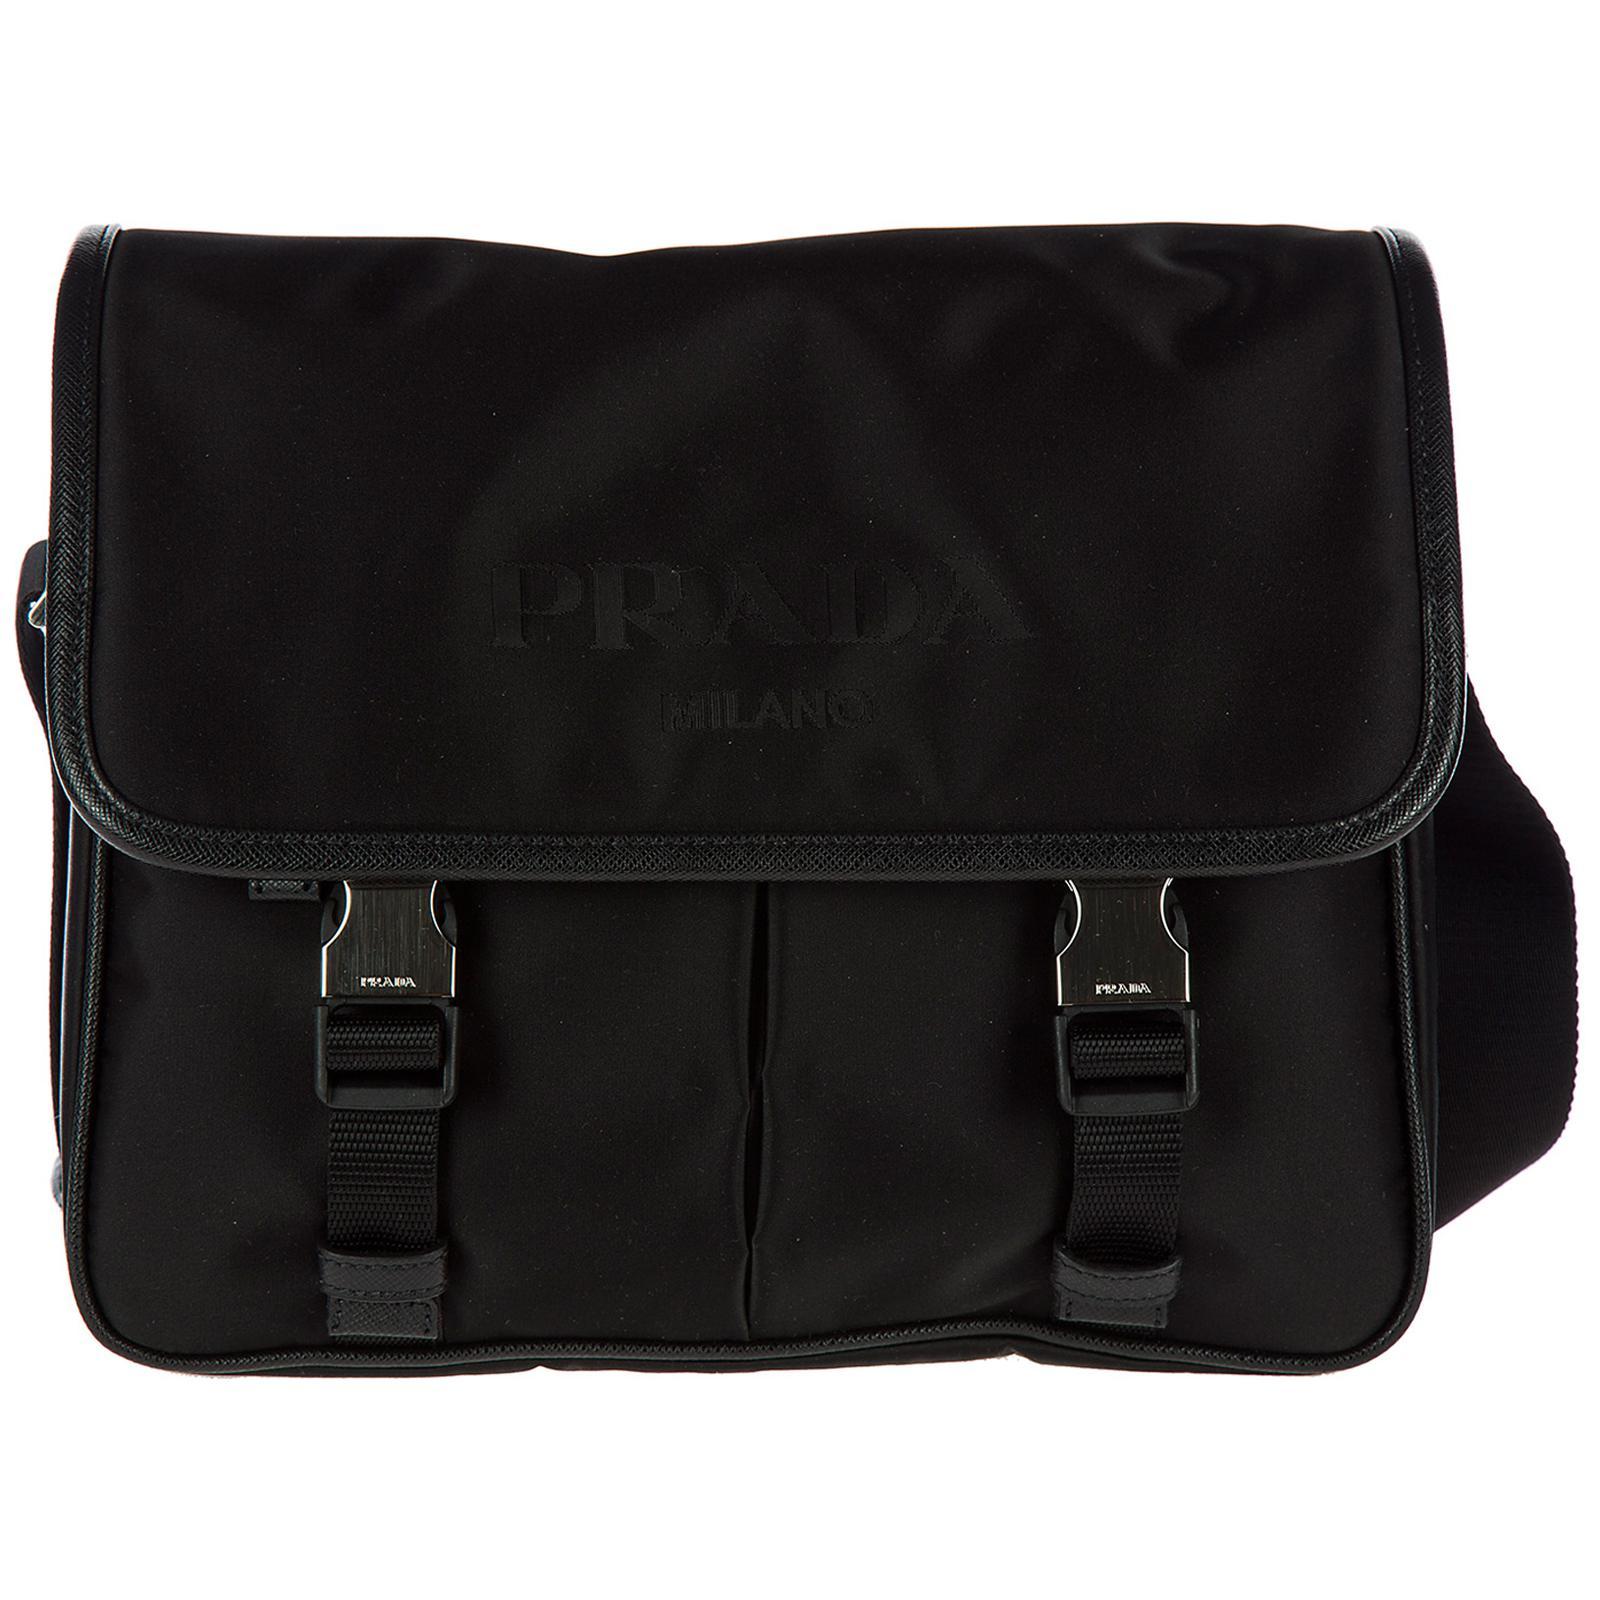 Lyst - Prada Nylon Cross-body Messenger Shoulder Bag in Black for Men e6acd36112778